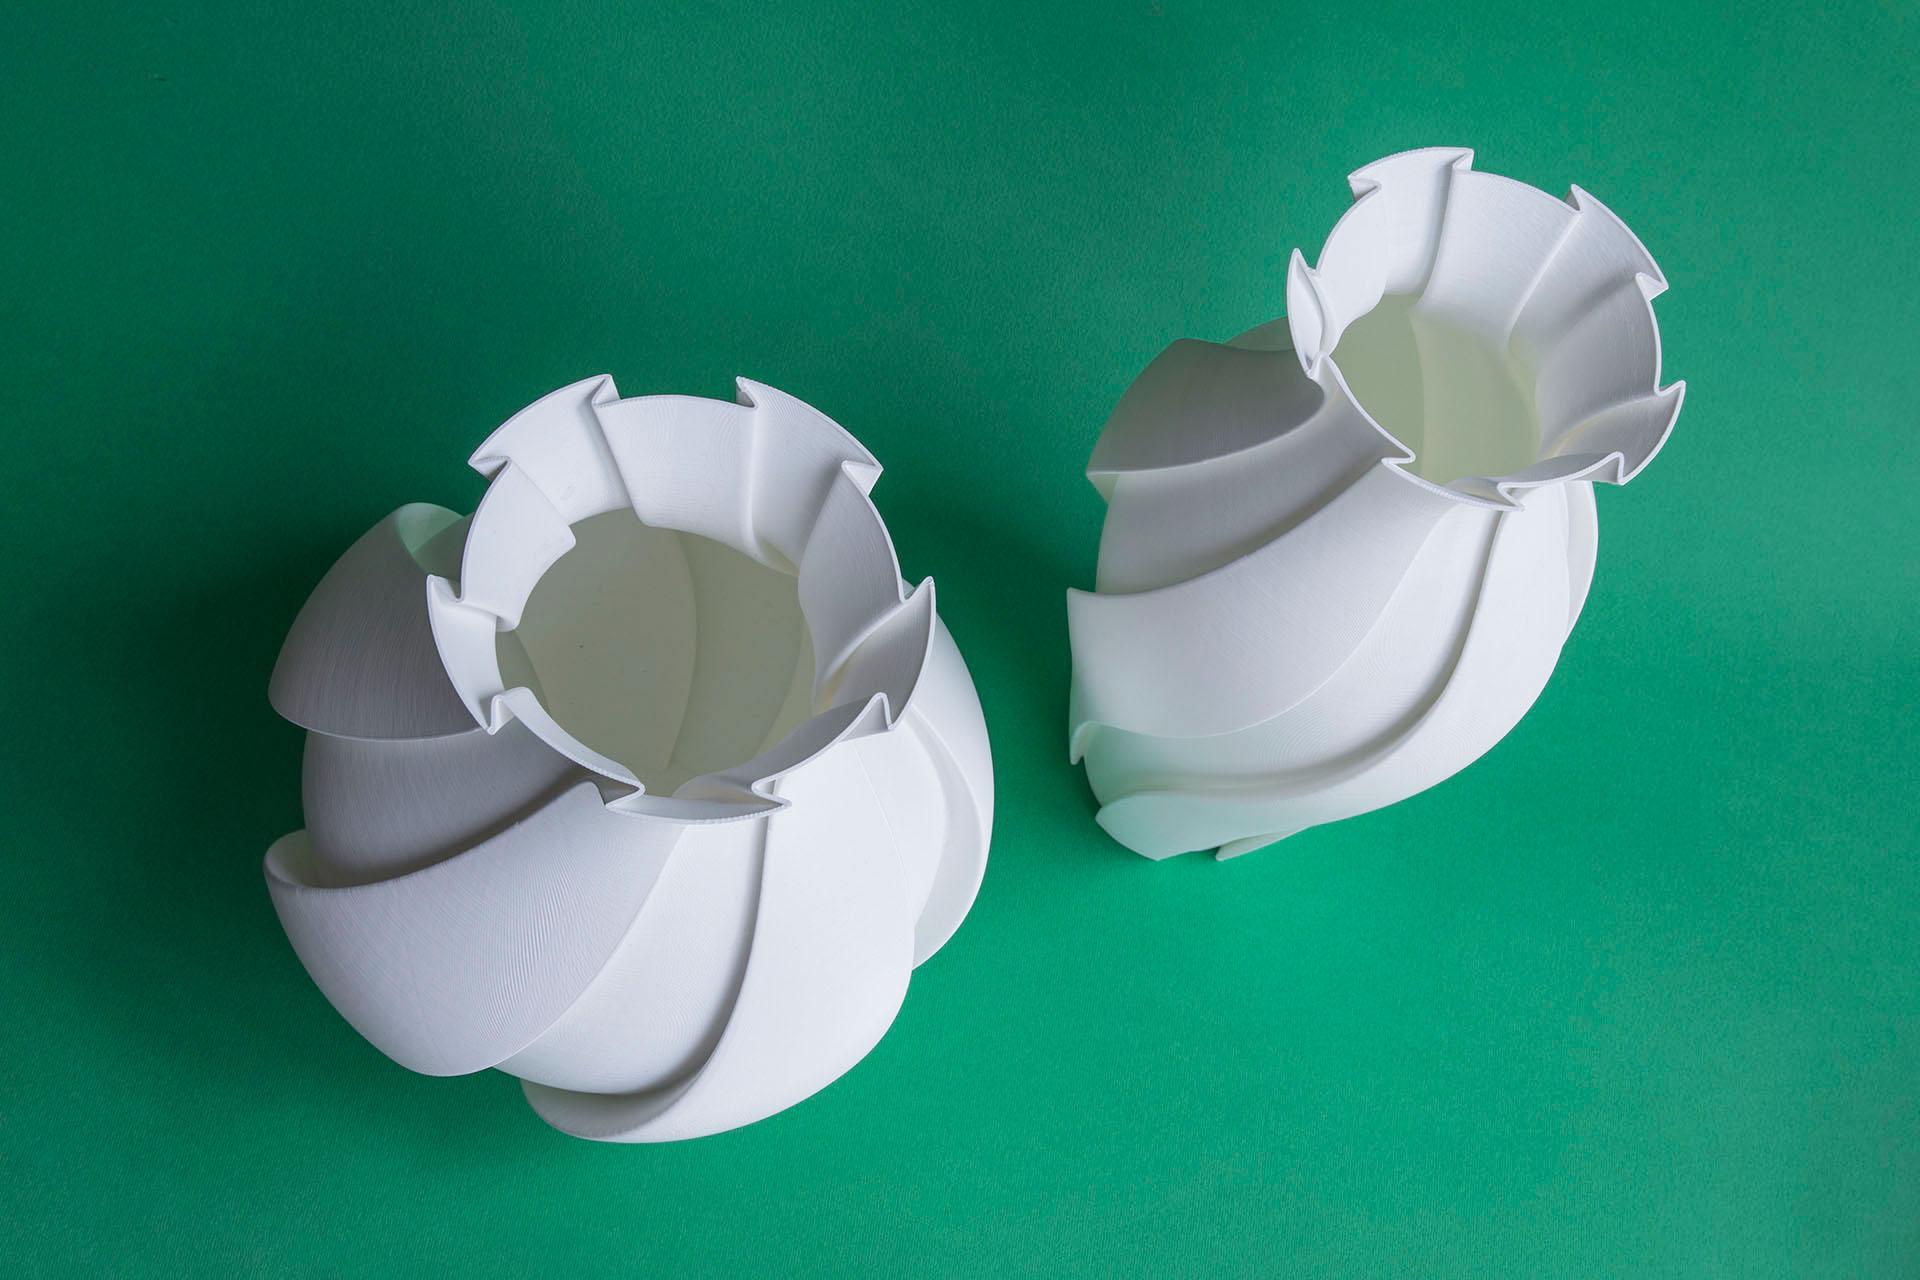 Vásame, vasi prodotti con la stampante 3D